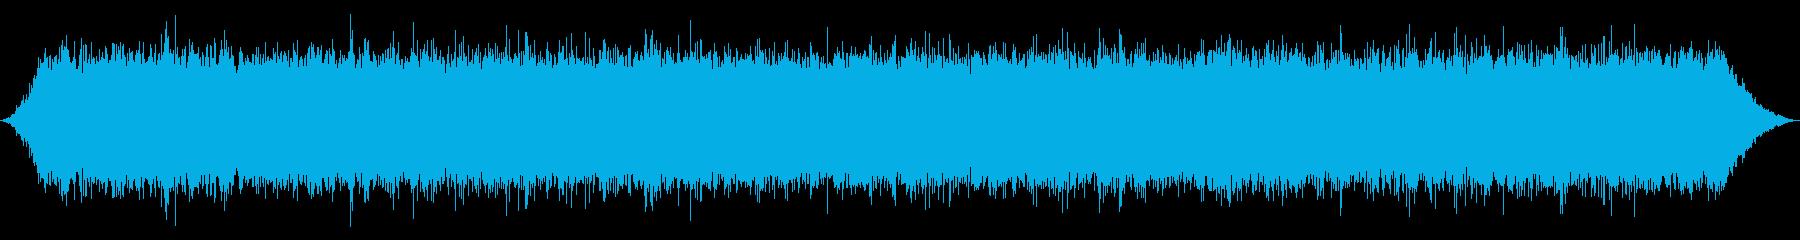 リバーラピッズ:岩の上の高速で重い...の再生済みの波形